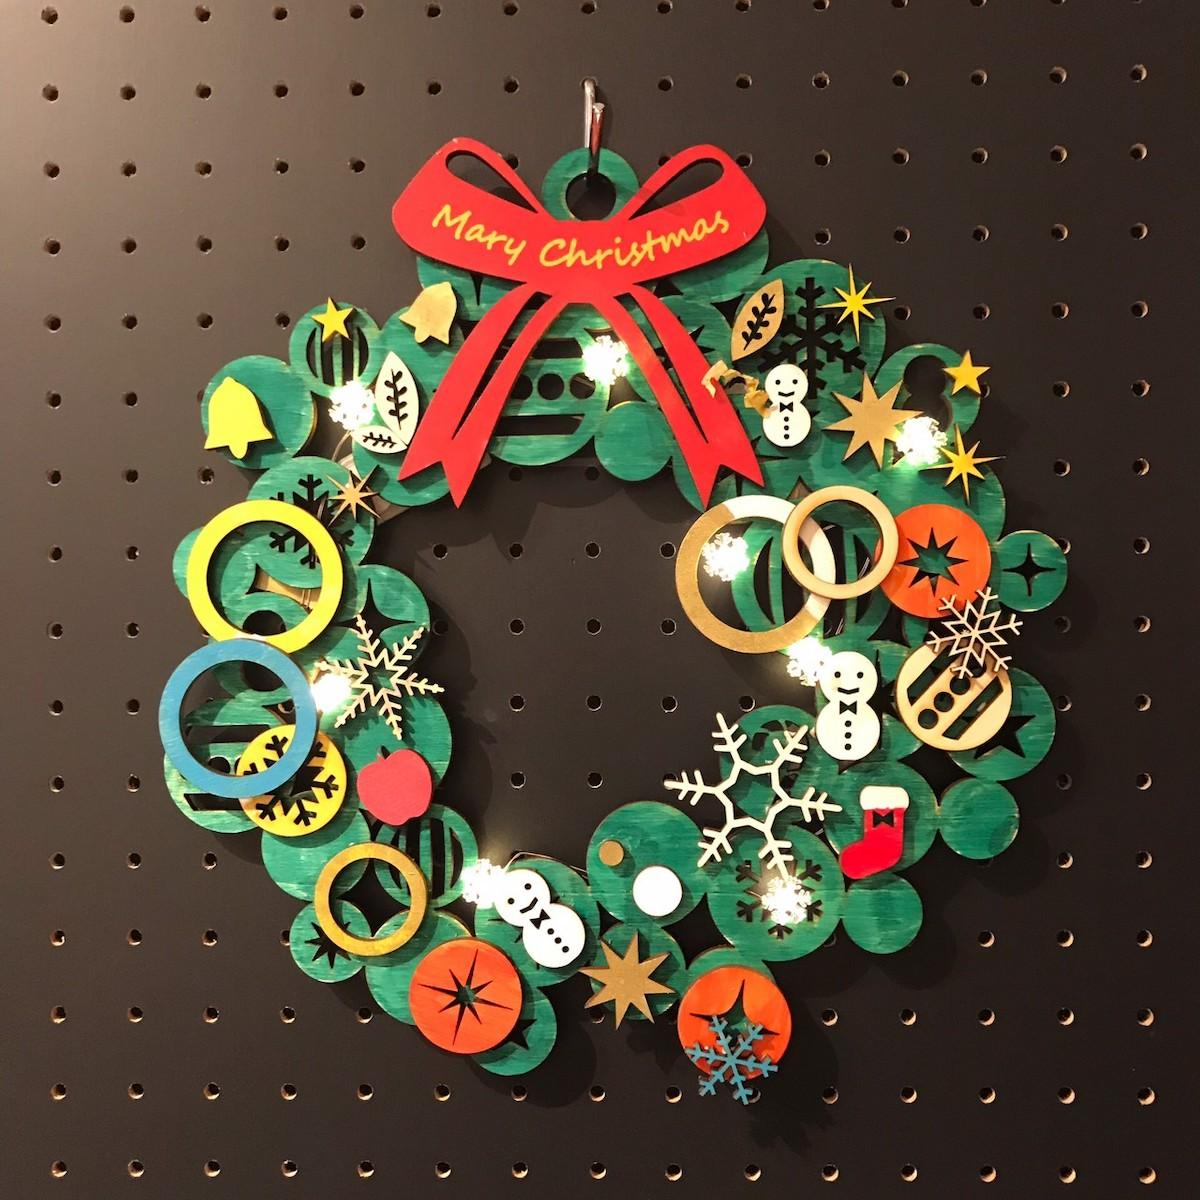 切り出したパーツを組み合わせてクリスマスリースを作る